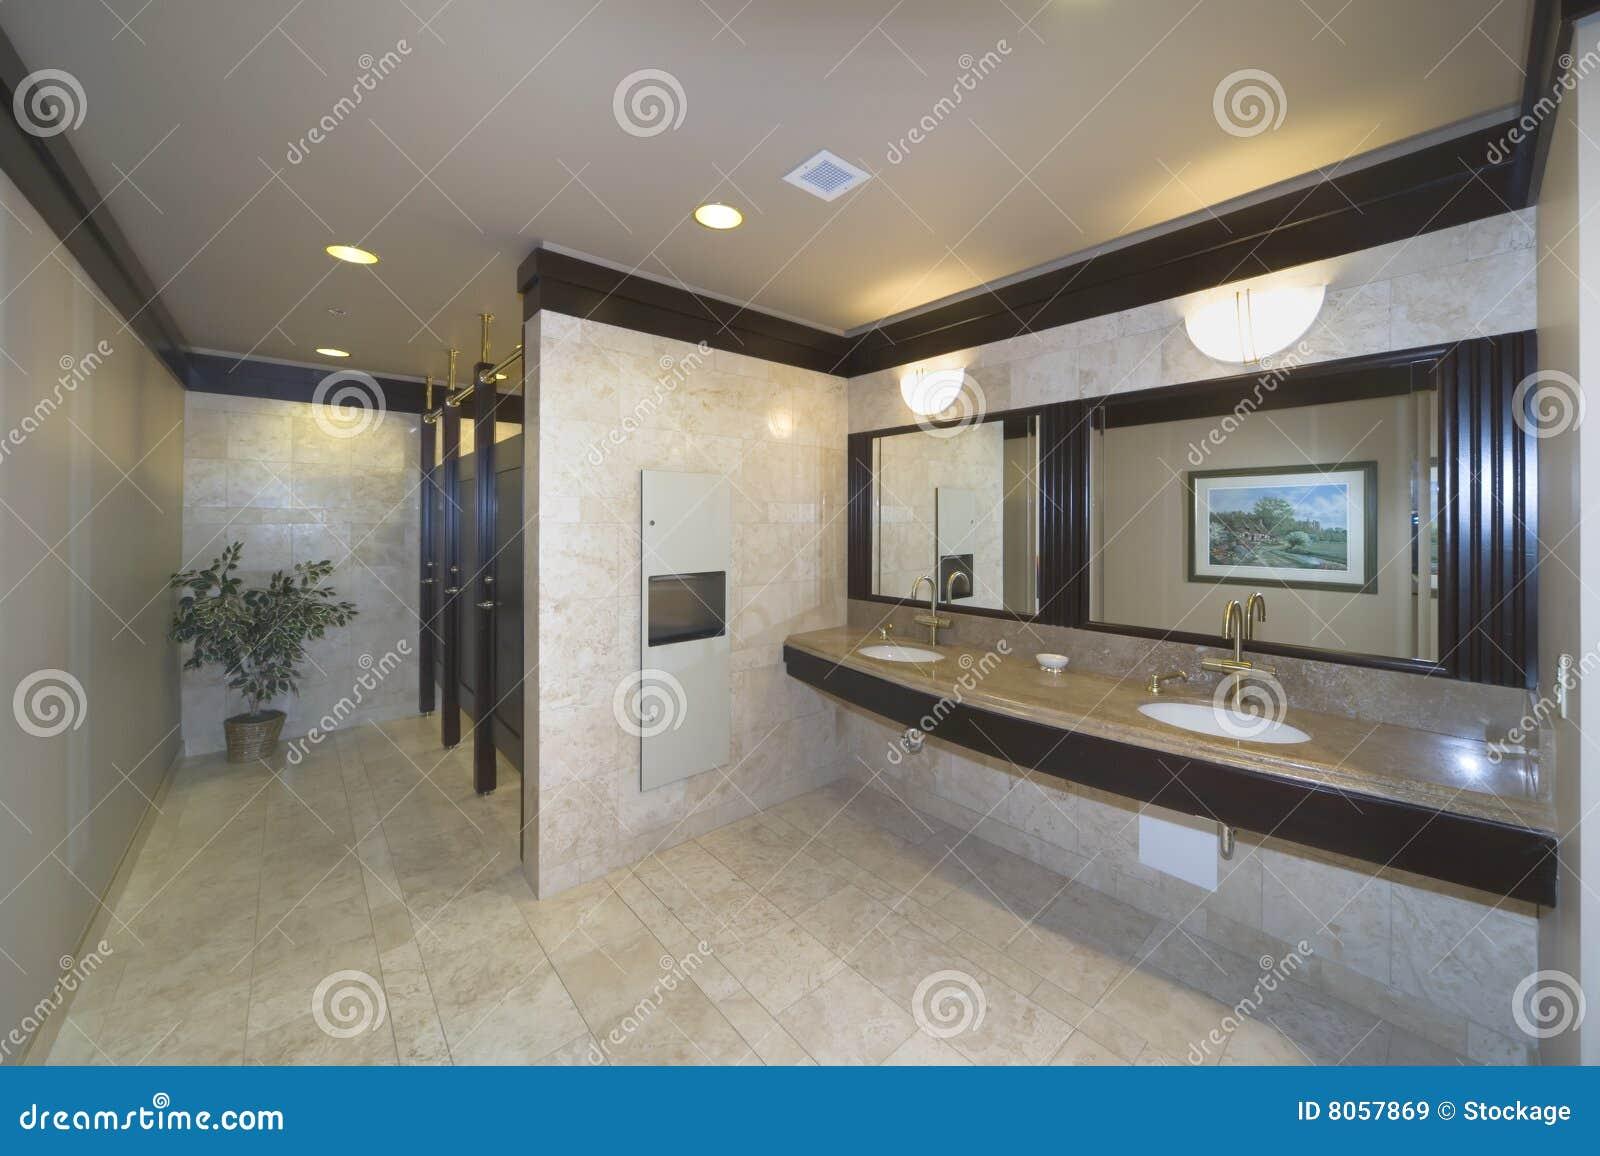 Туалеты в офисе, Туалет в офисе какаем и писаем на работе 23 фотография